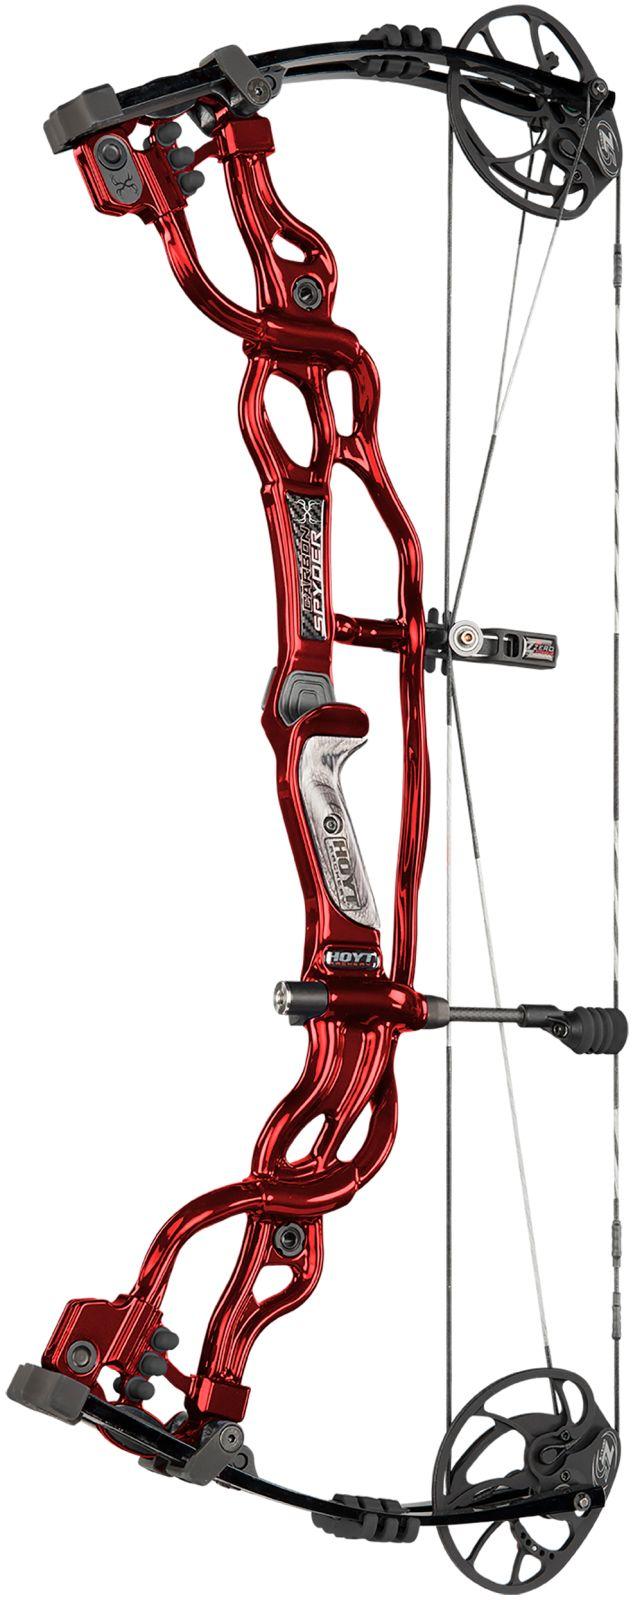 Hoyt Carbon Spyder ZT | Hoyt.com